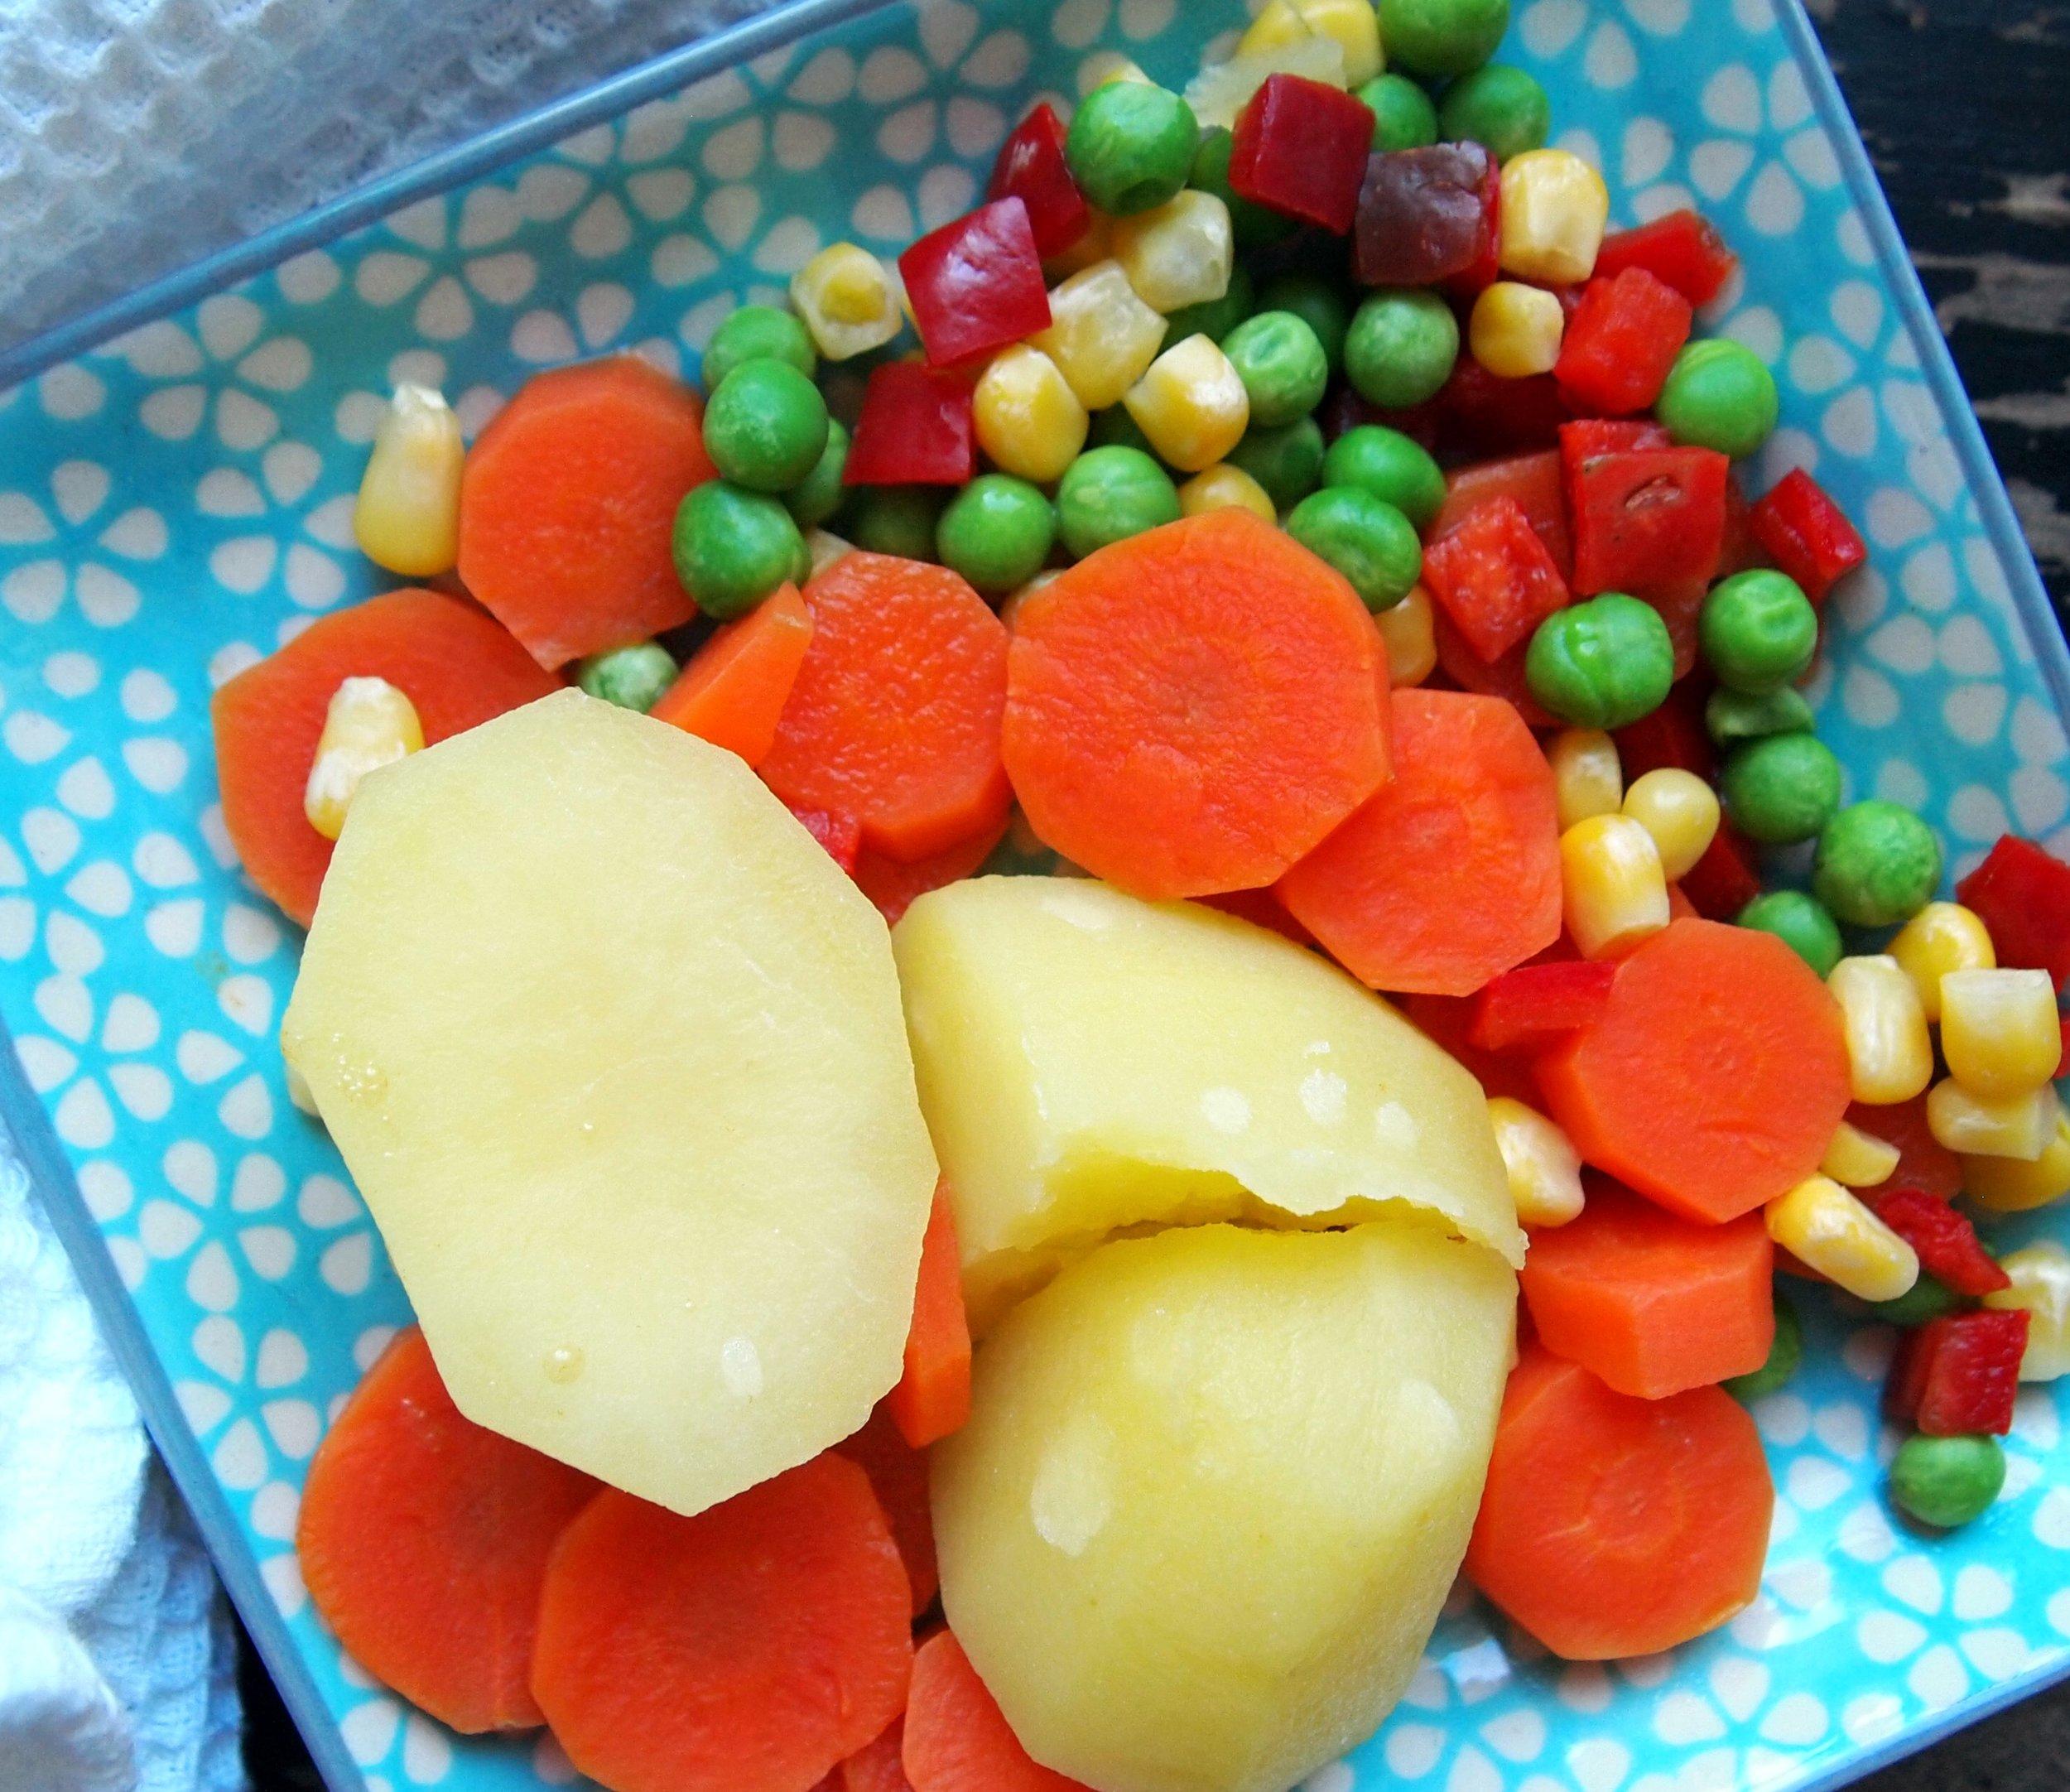 Tällaisiakin täytteitä ollaan kokeiltu menestyksekkäästi. Pilkoin perunat ja porkkanat kuutioiksi.